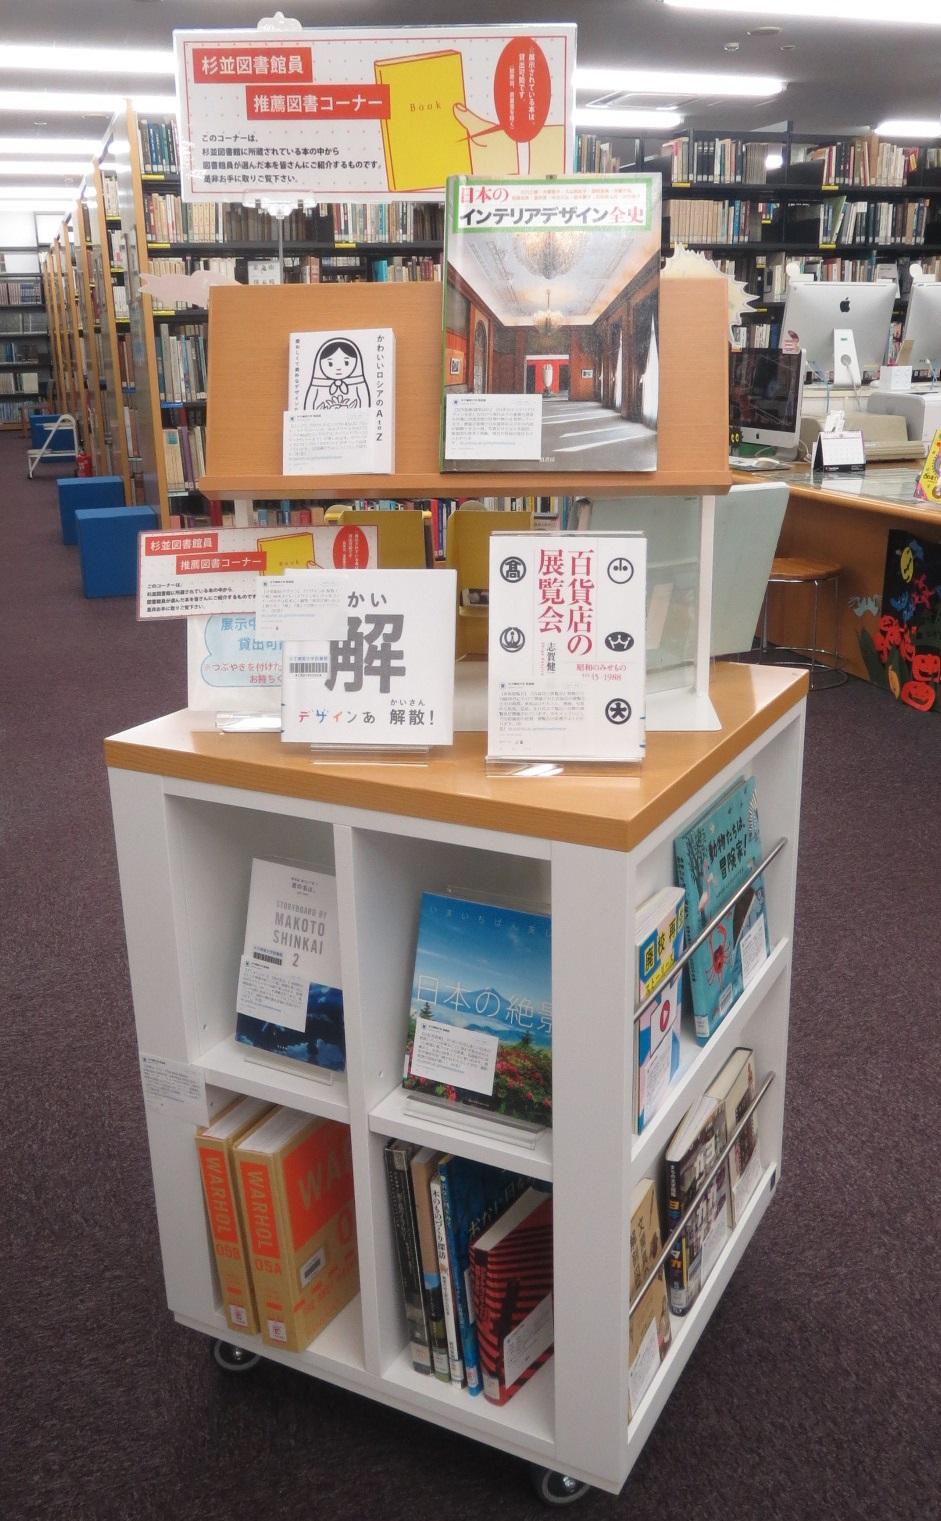 杉並図書館員推薦図書コーナー 10月